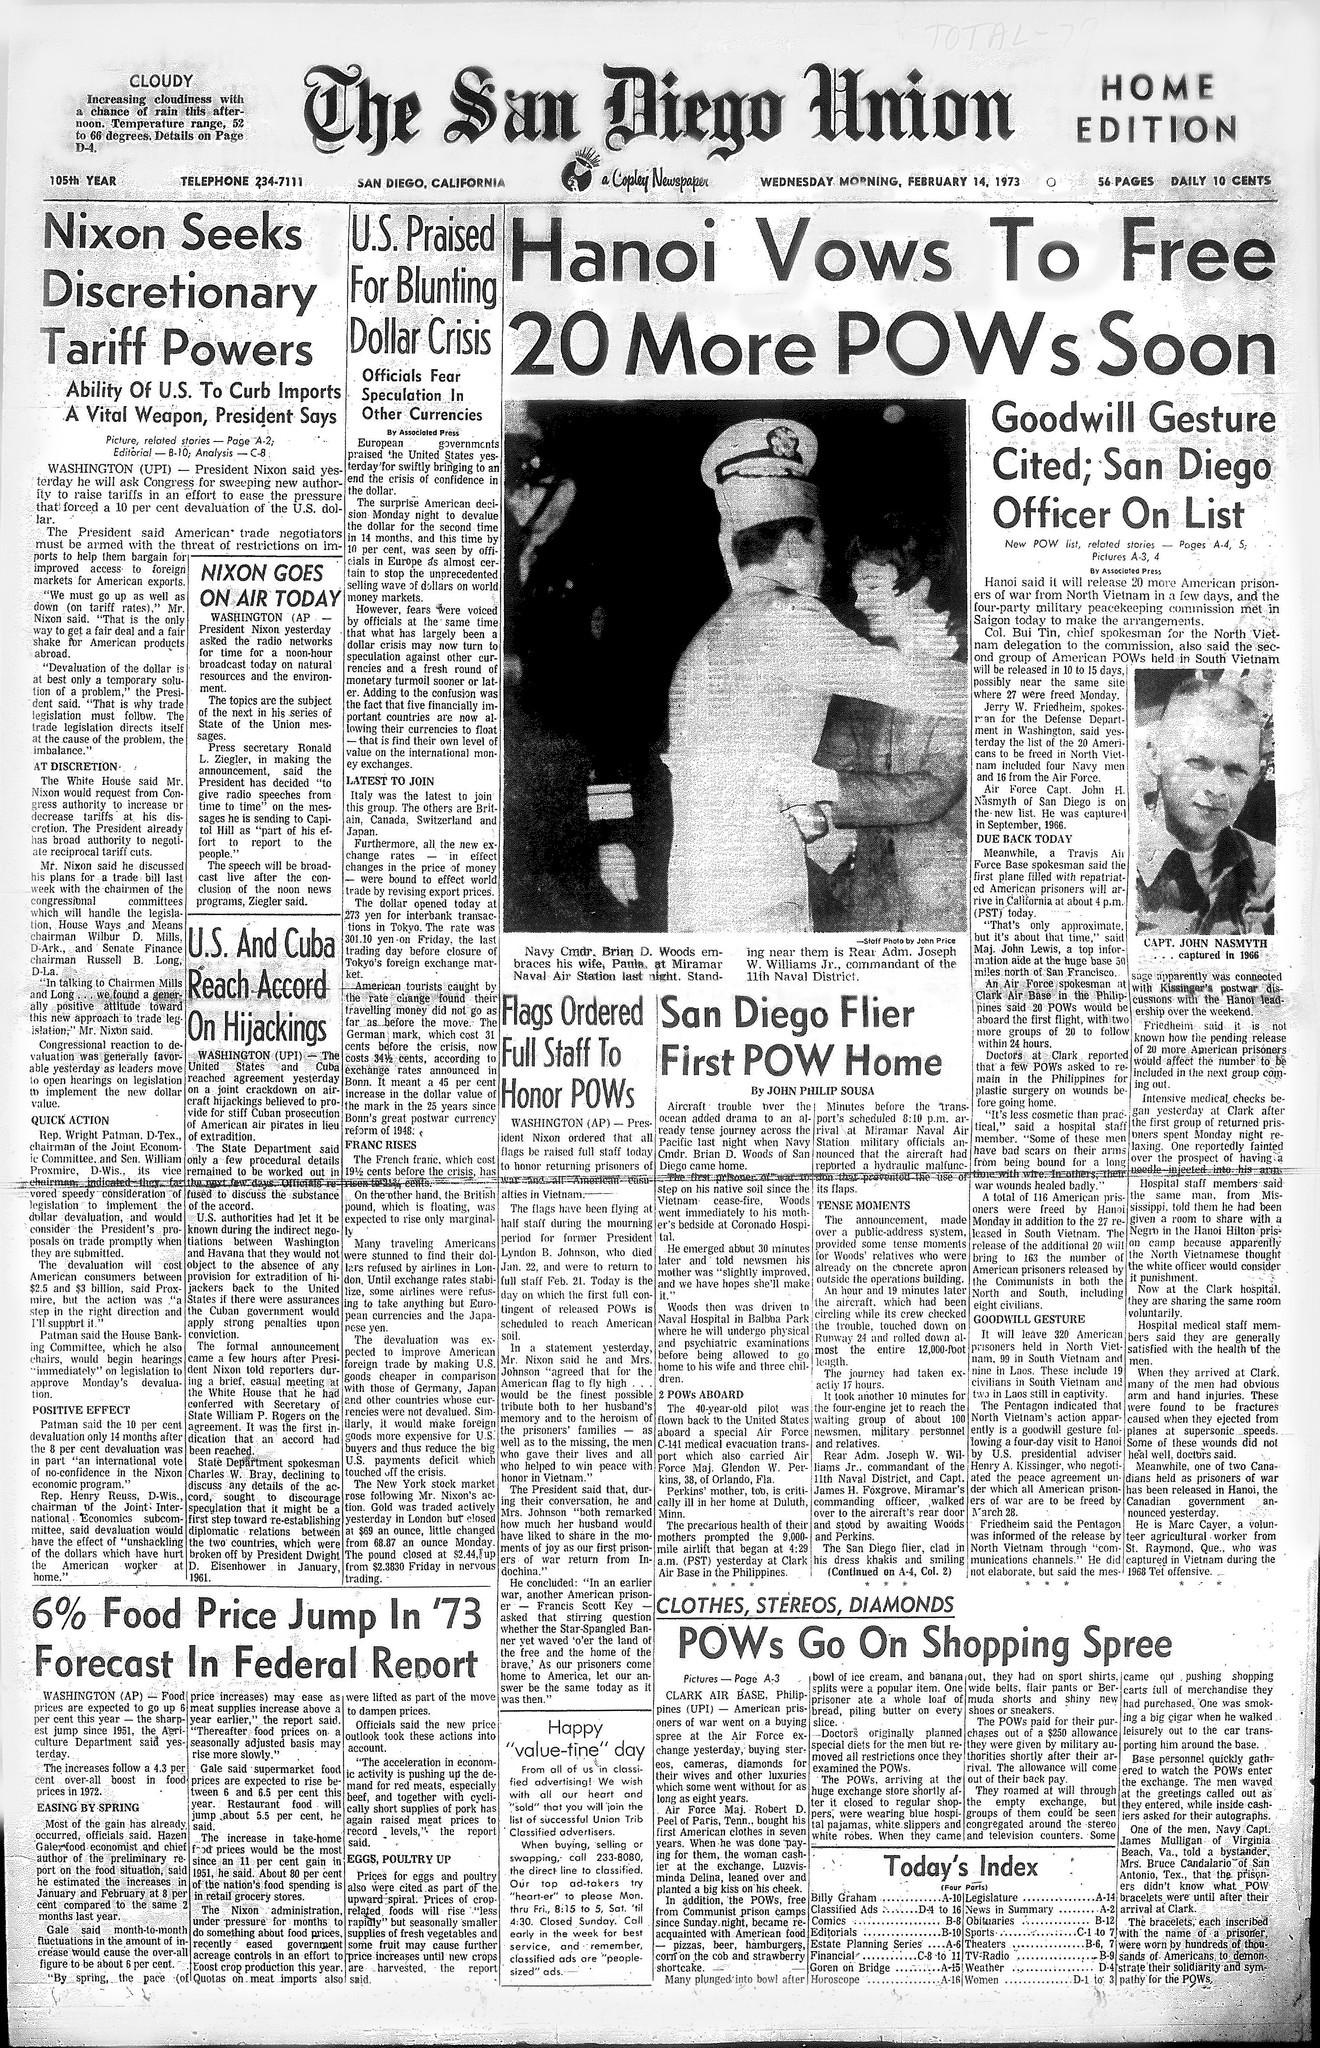 February 14, 1973